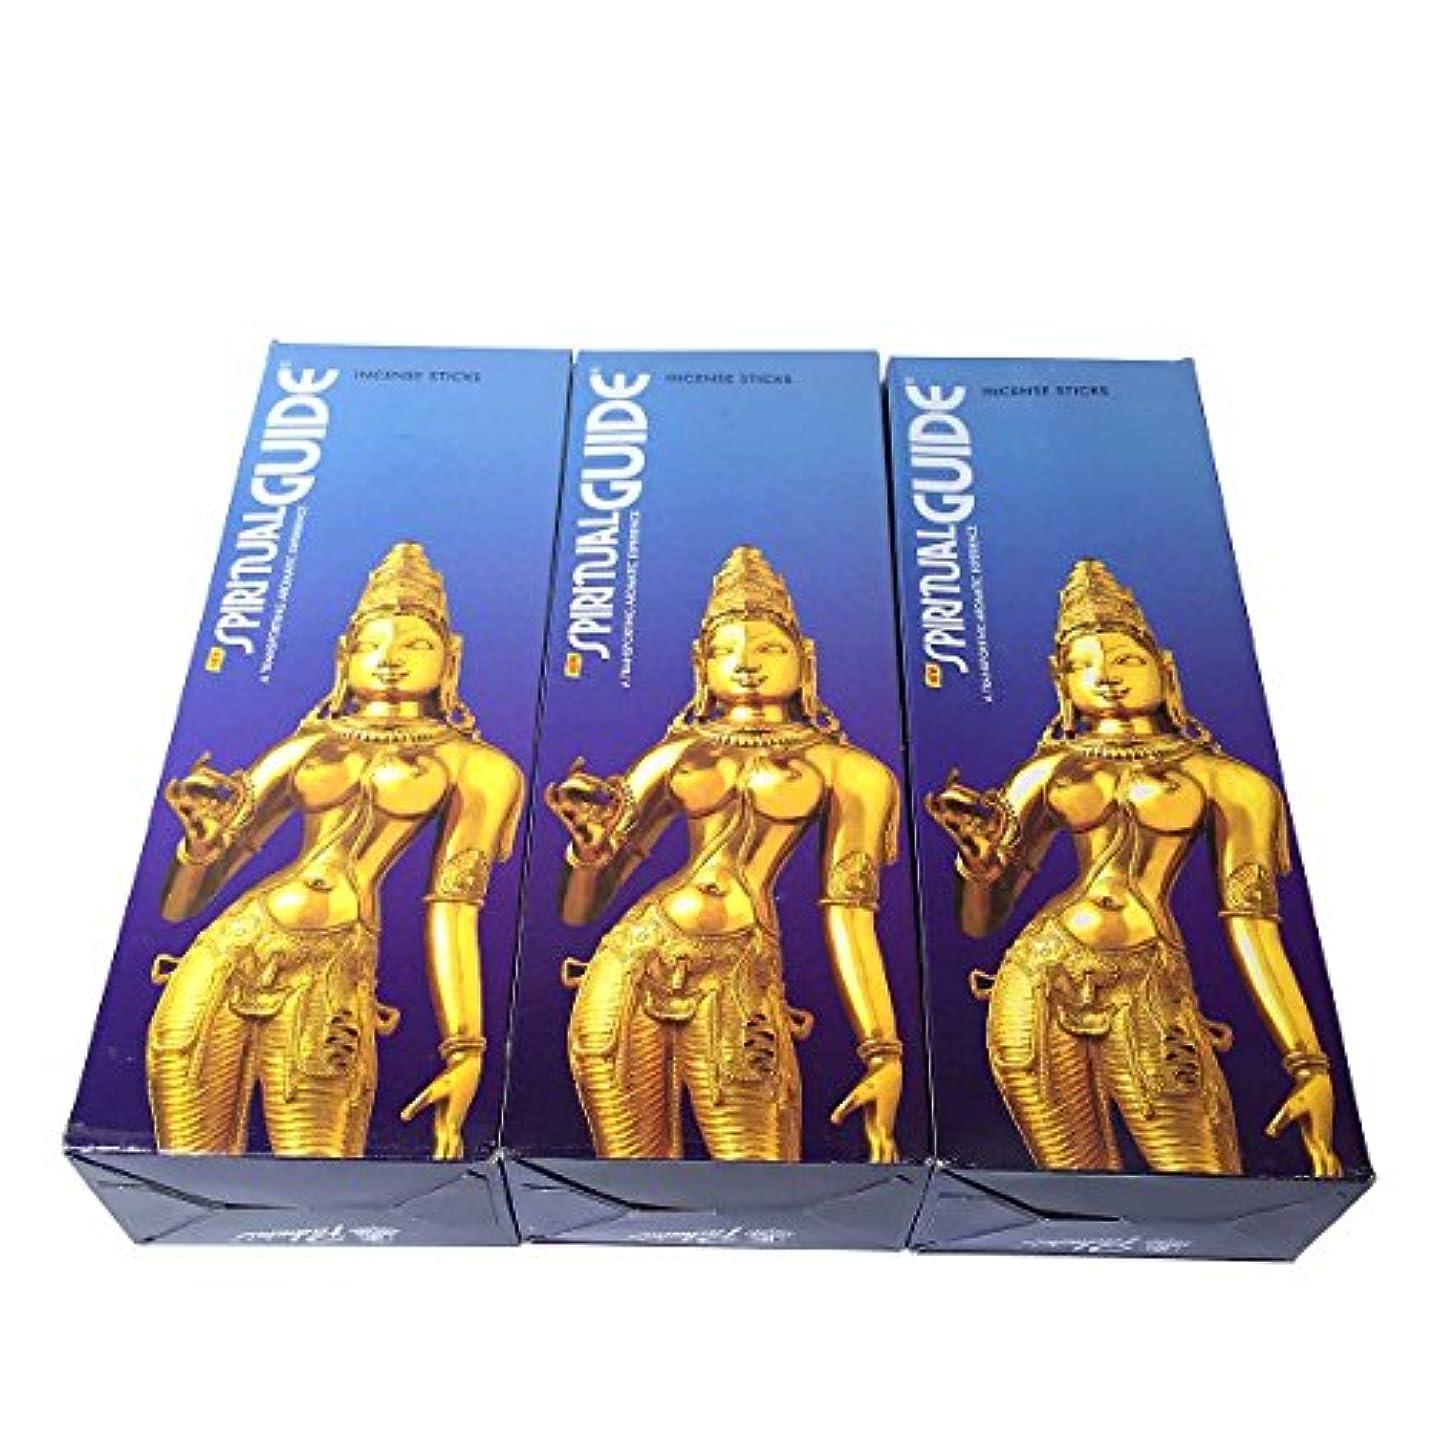 サロン破滅的なあいまいなスピリチュアルガイド香スティック 3BOX(18箱) /PADMINI SPIRITUALGUIDE/インセンス/インド香 お香 [並行輸入品]